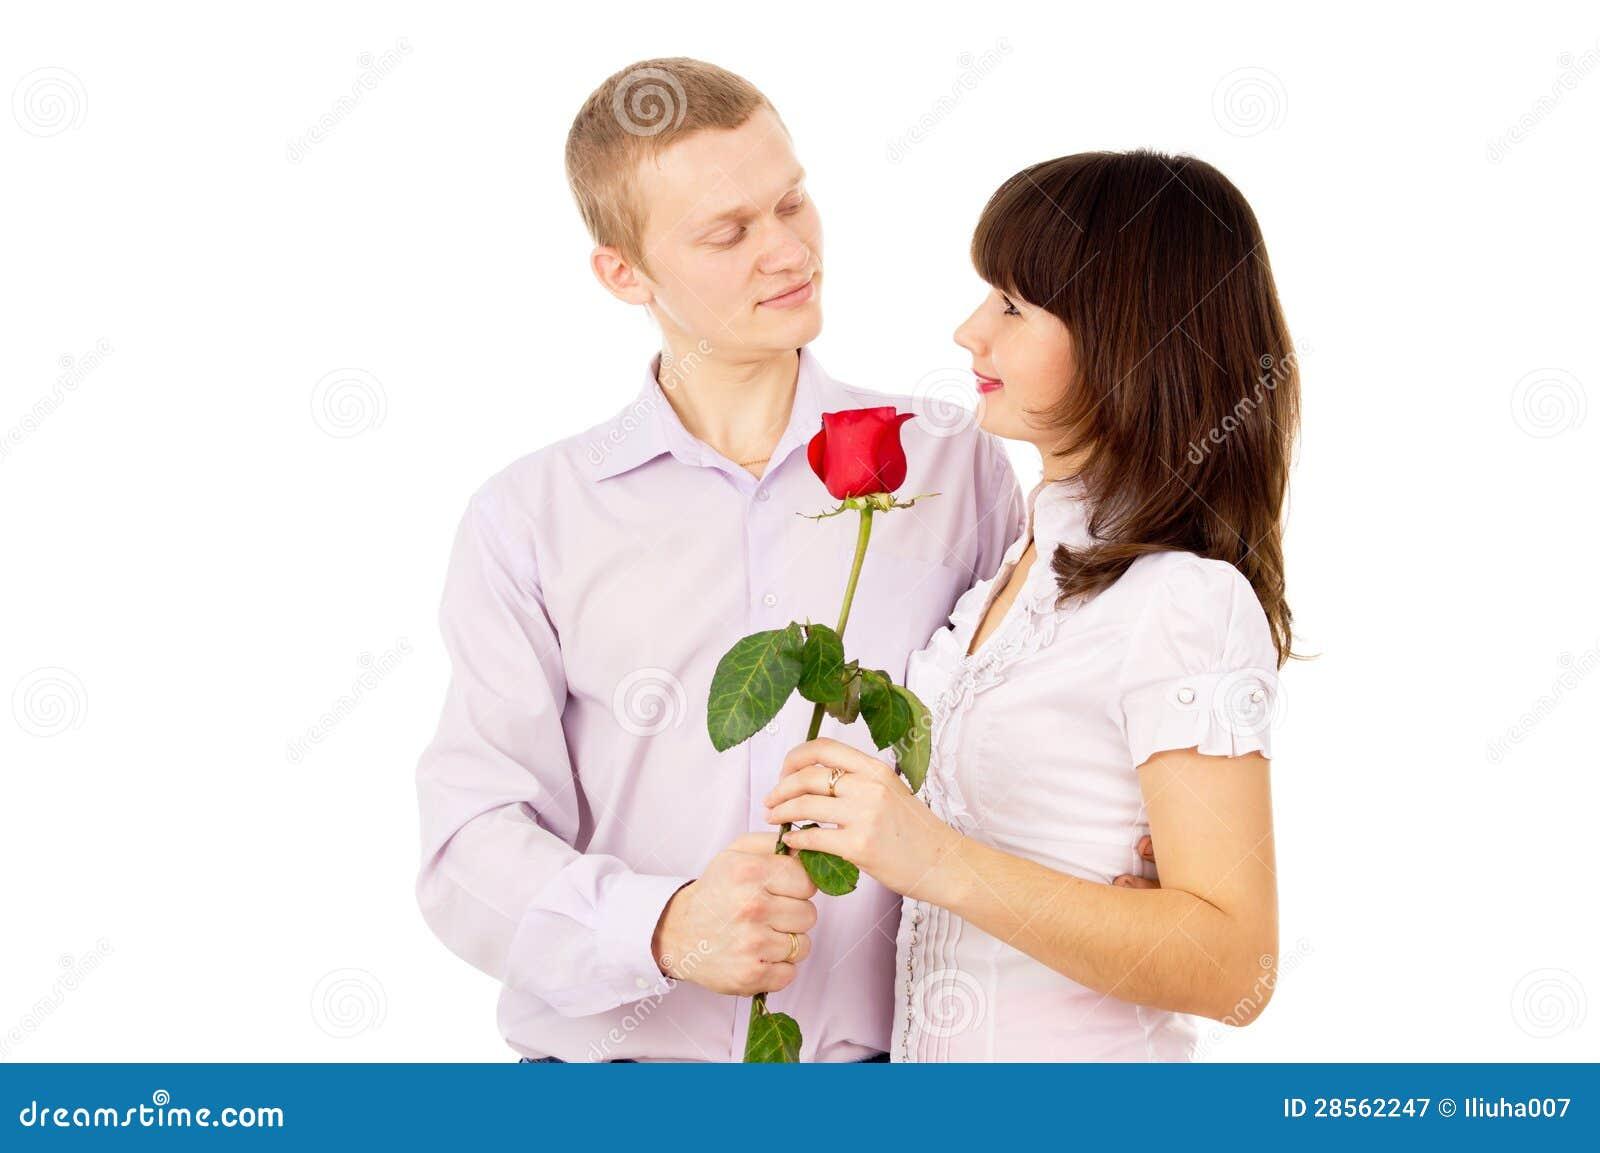 Mädchen ich mag die Datierung eines anderen Kerls